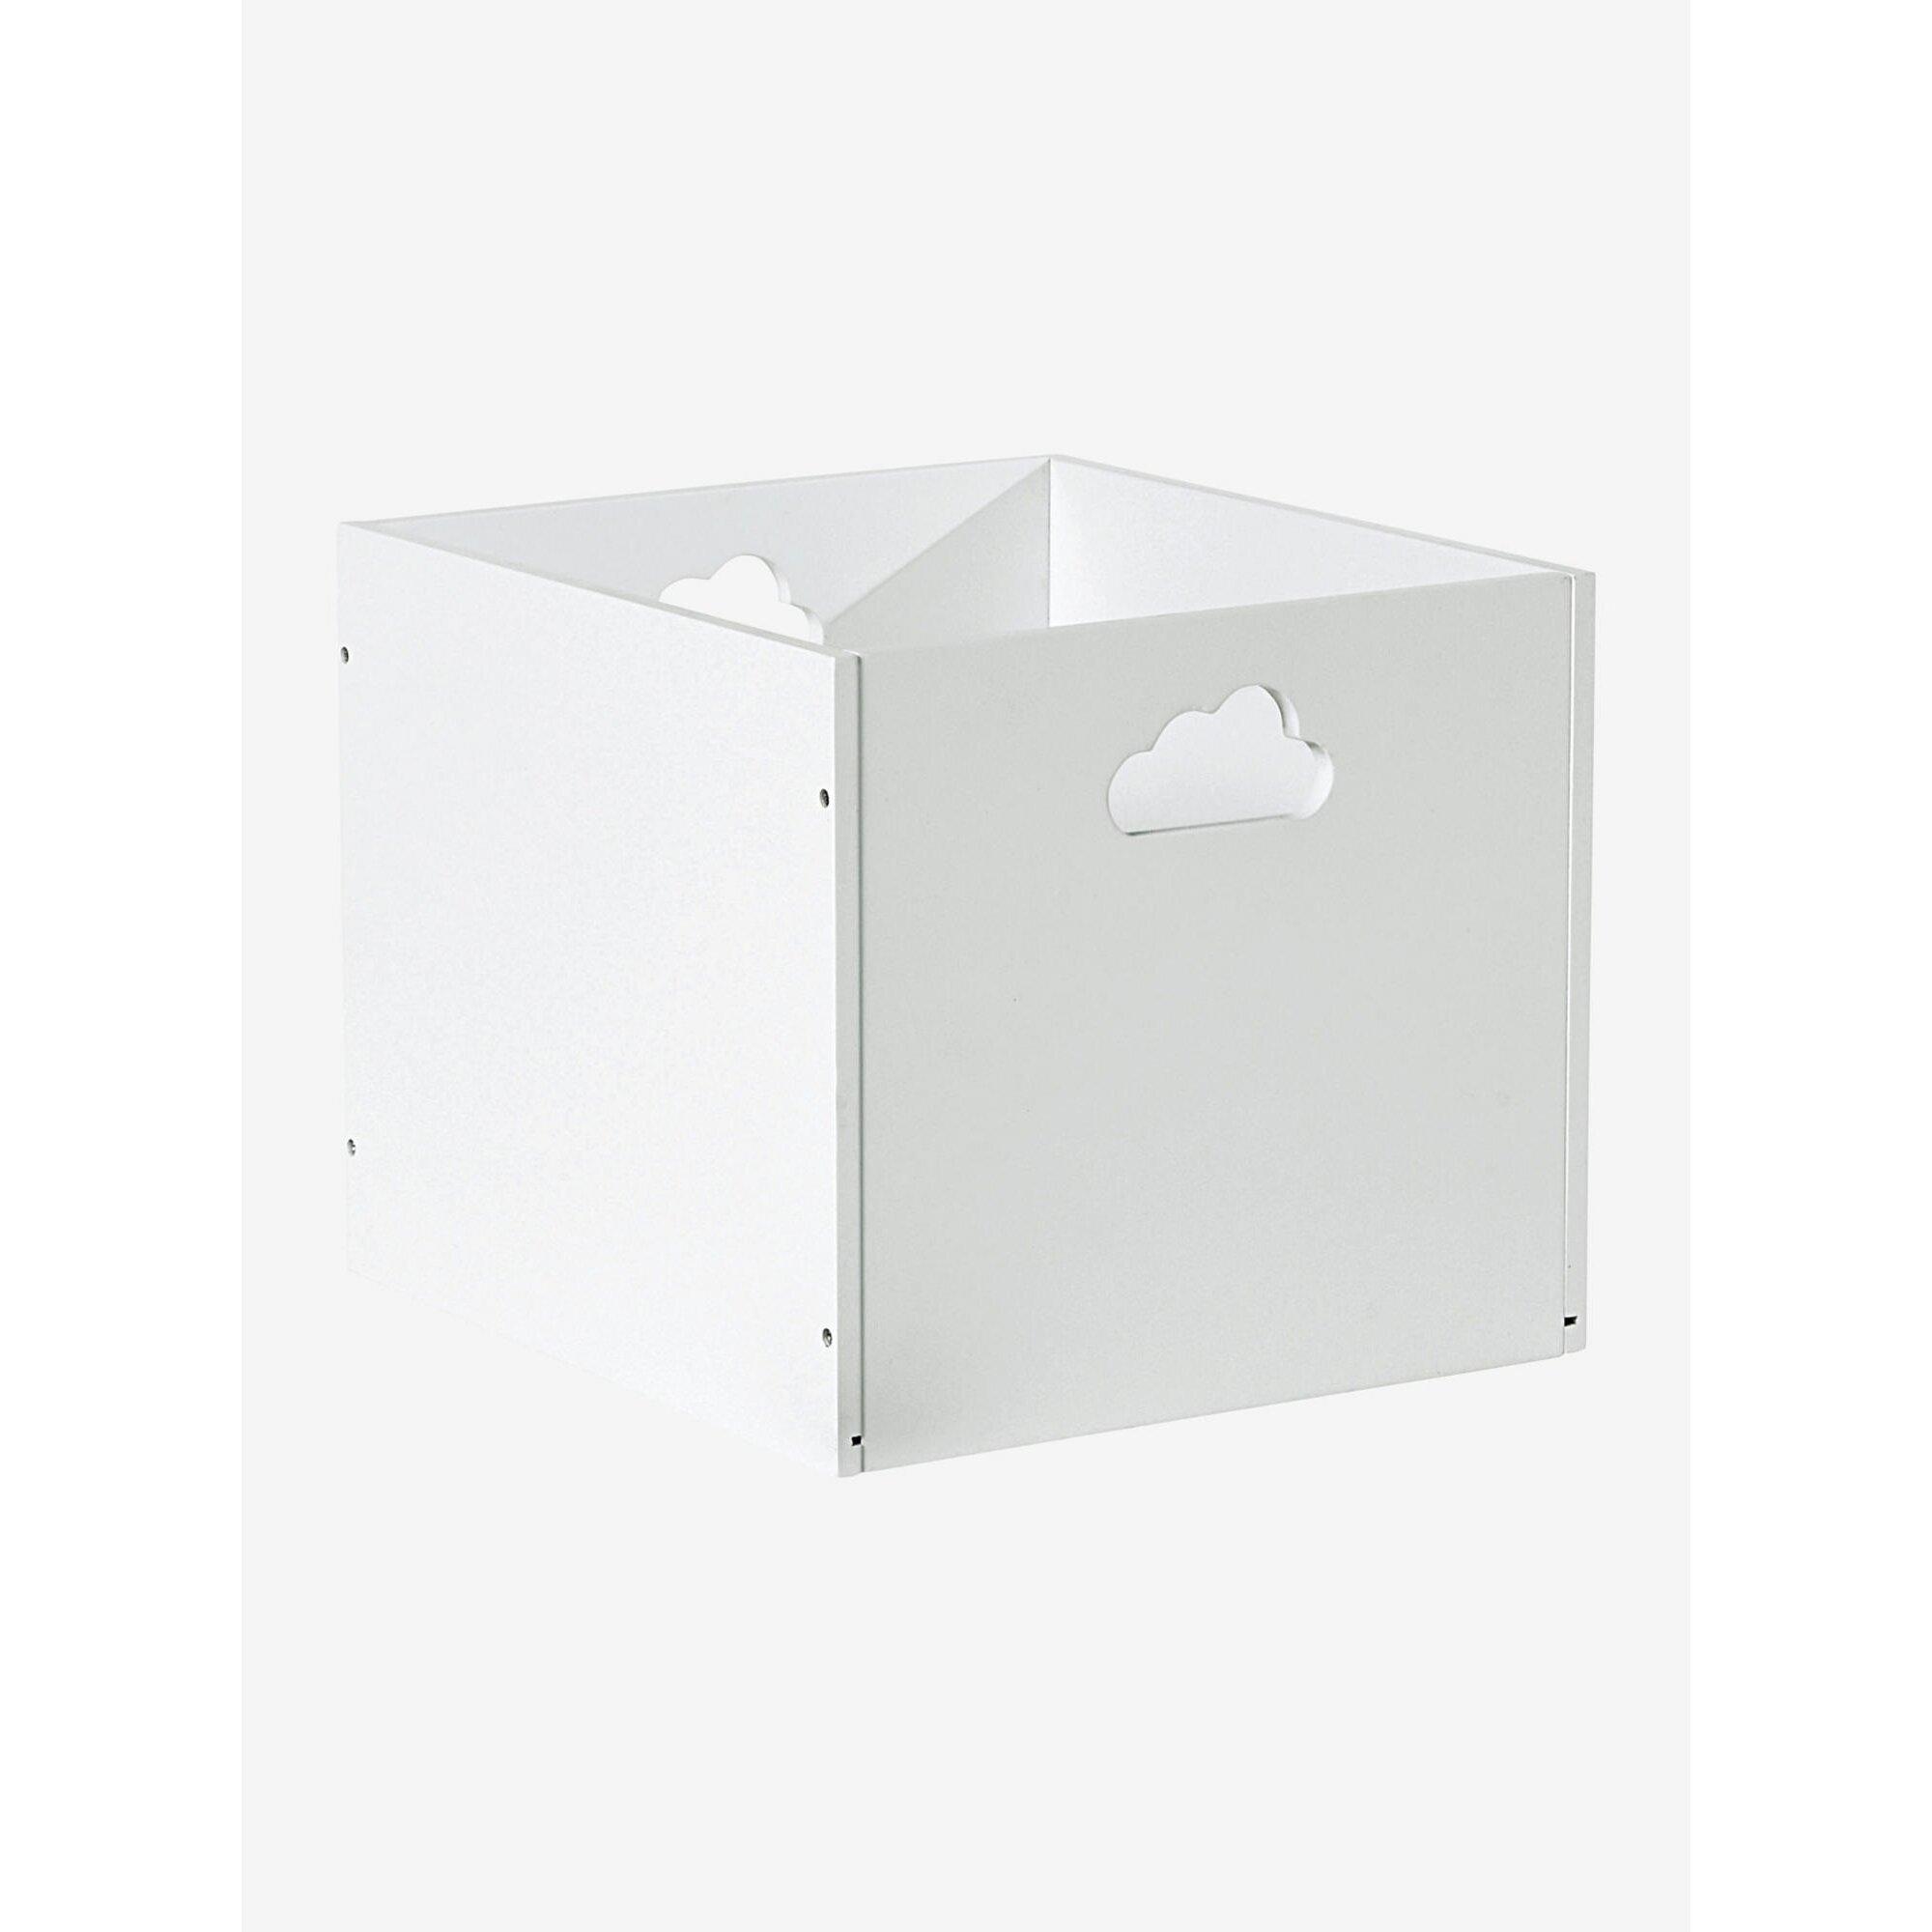 vertbaudet-holz-aufbewahrungsbox-mit-wolken-griffen, 18.99 EUR @ babywalz-de